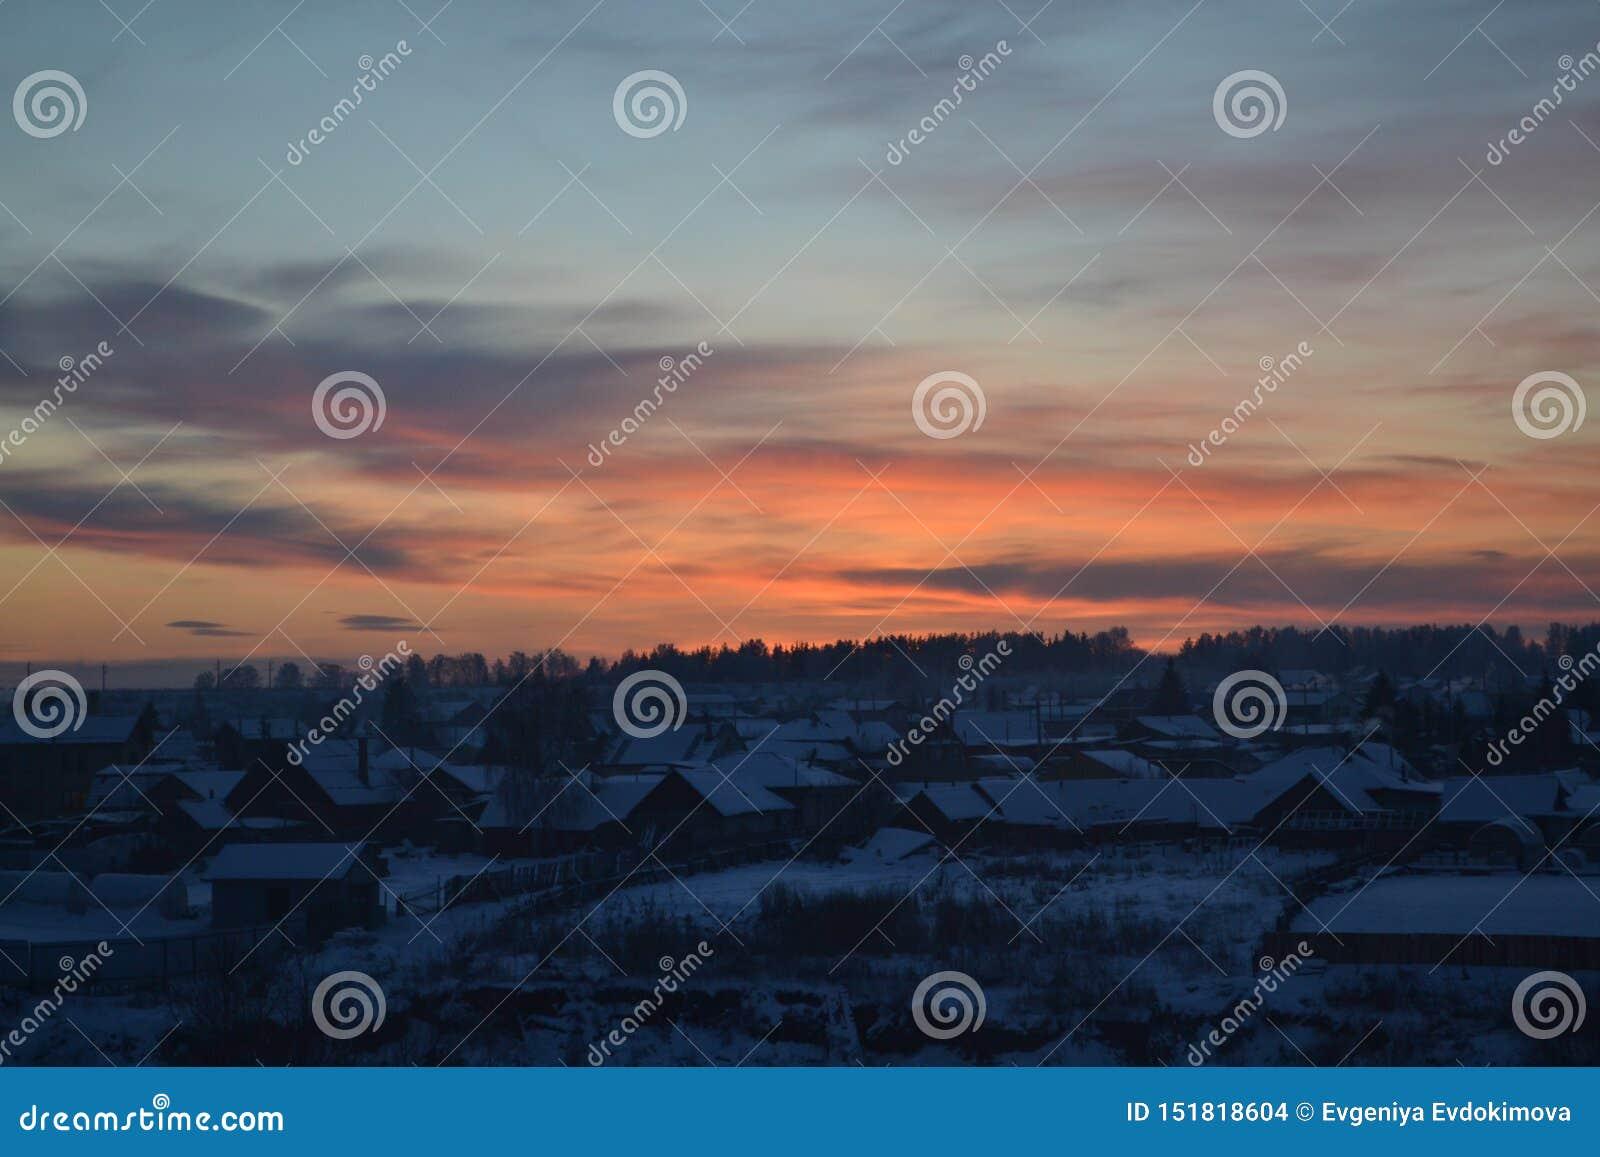 Sonnenuntergang auf dem Himmel über dem russischen Dorf des Winters